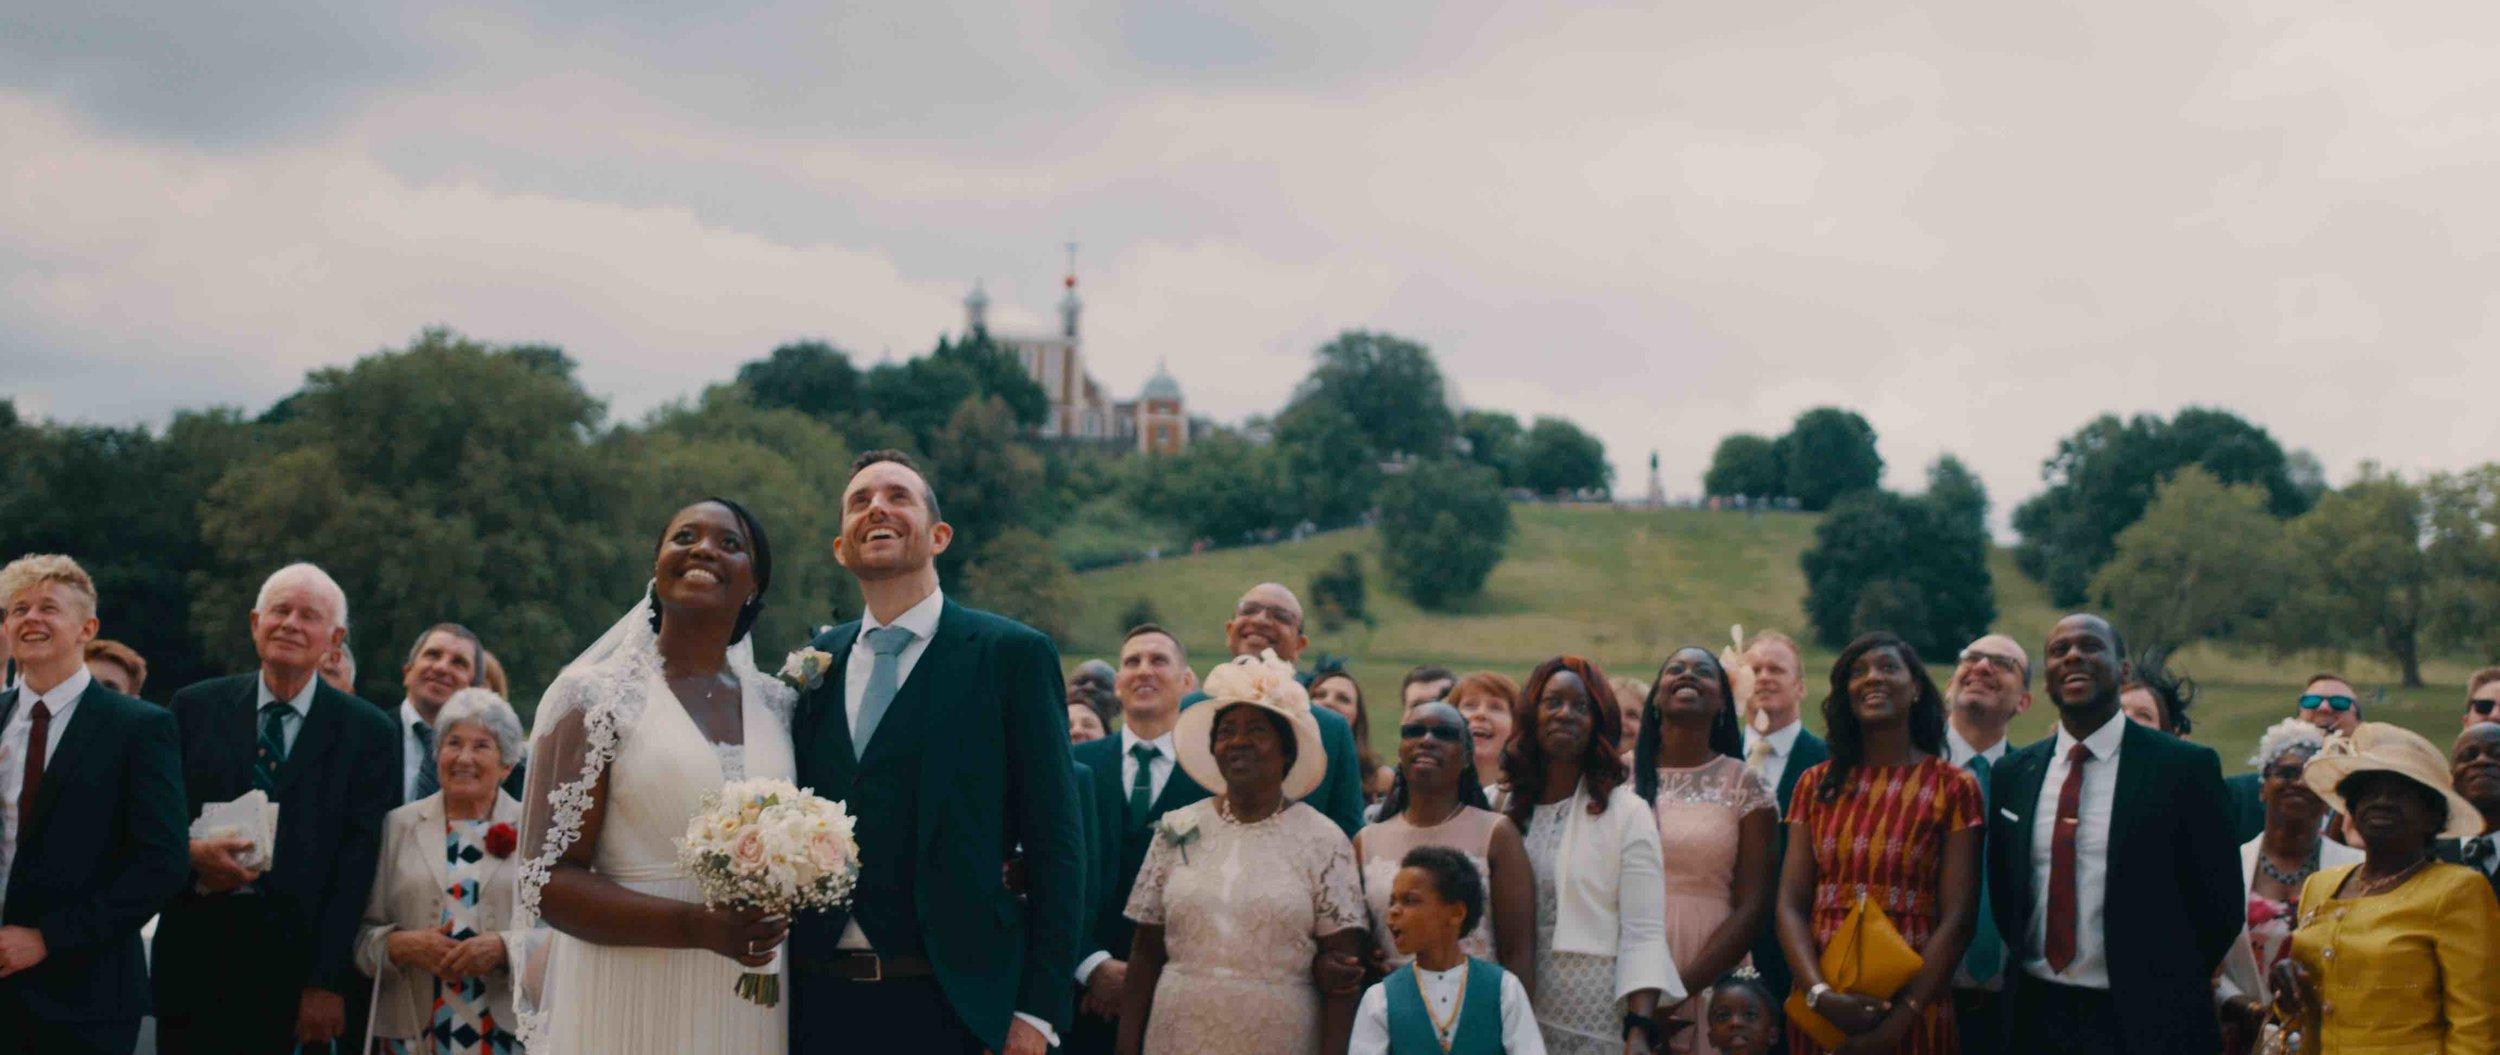 + 595€ | Día extra - Capture cada momento de su boda, ya sea una boda de varios días o le gustaría filmar los preparativos.